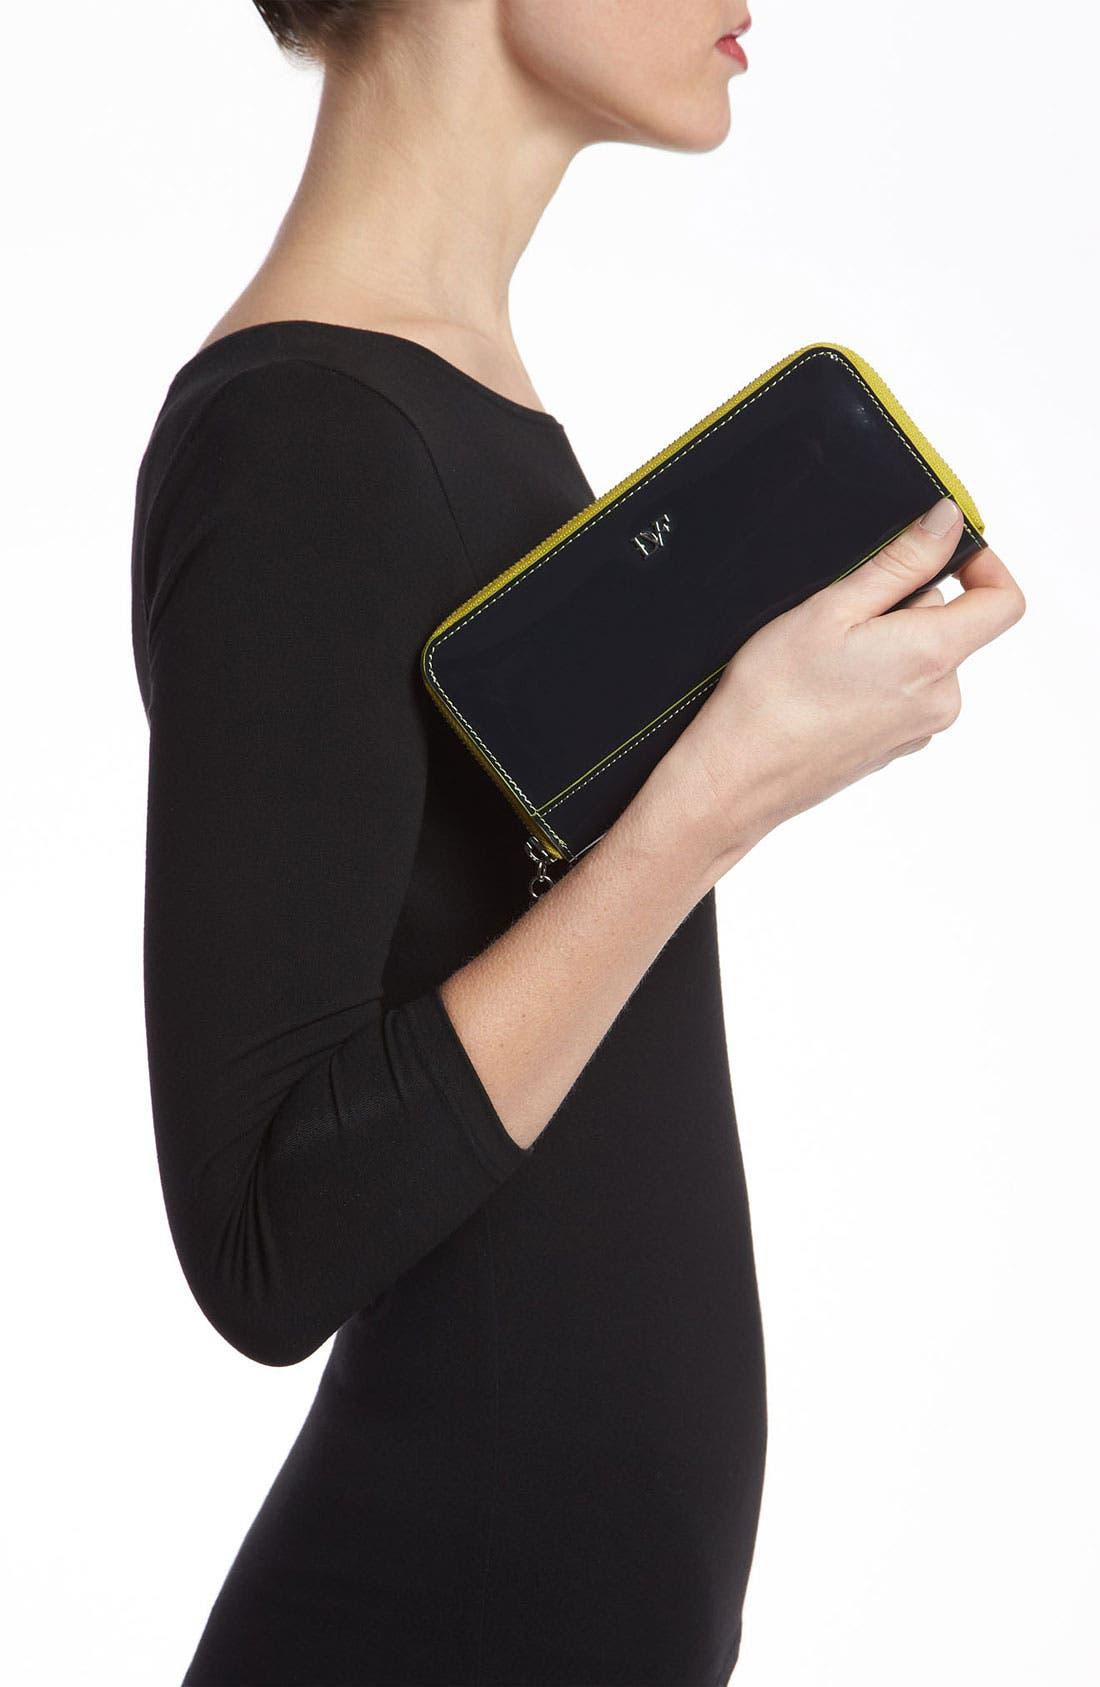 Alternate Image 2  - Diane von Furstenberg Heart Charm Patent Leather Wallet